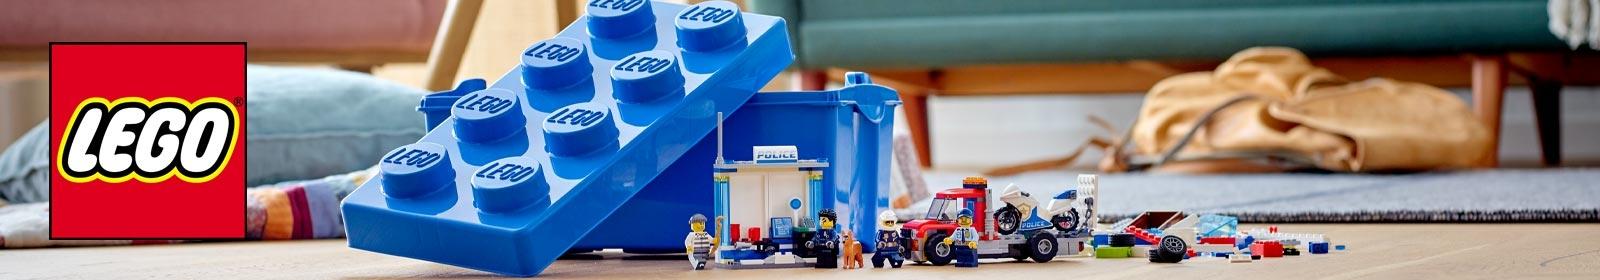 Brinquedos LEGO ao melhor preço